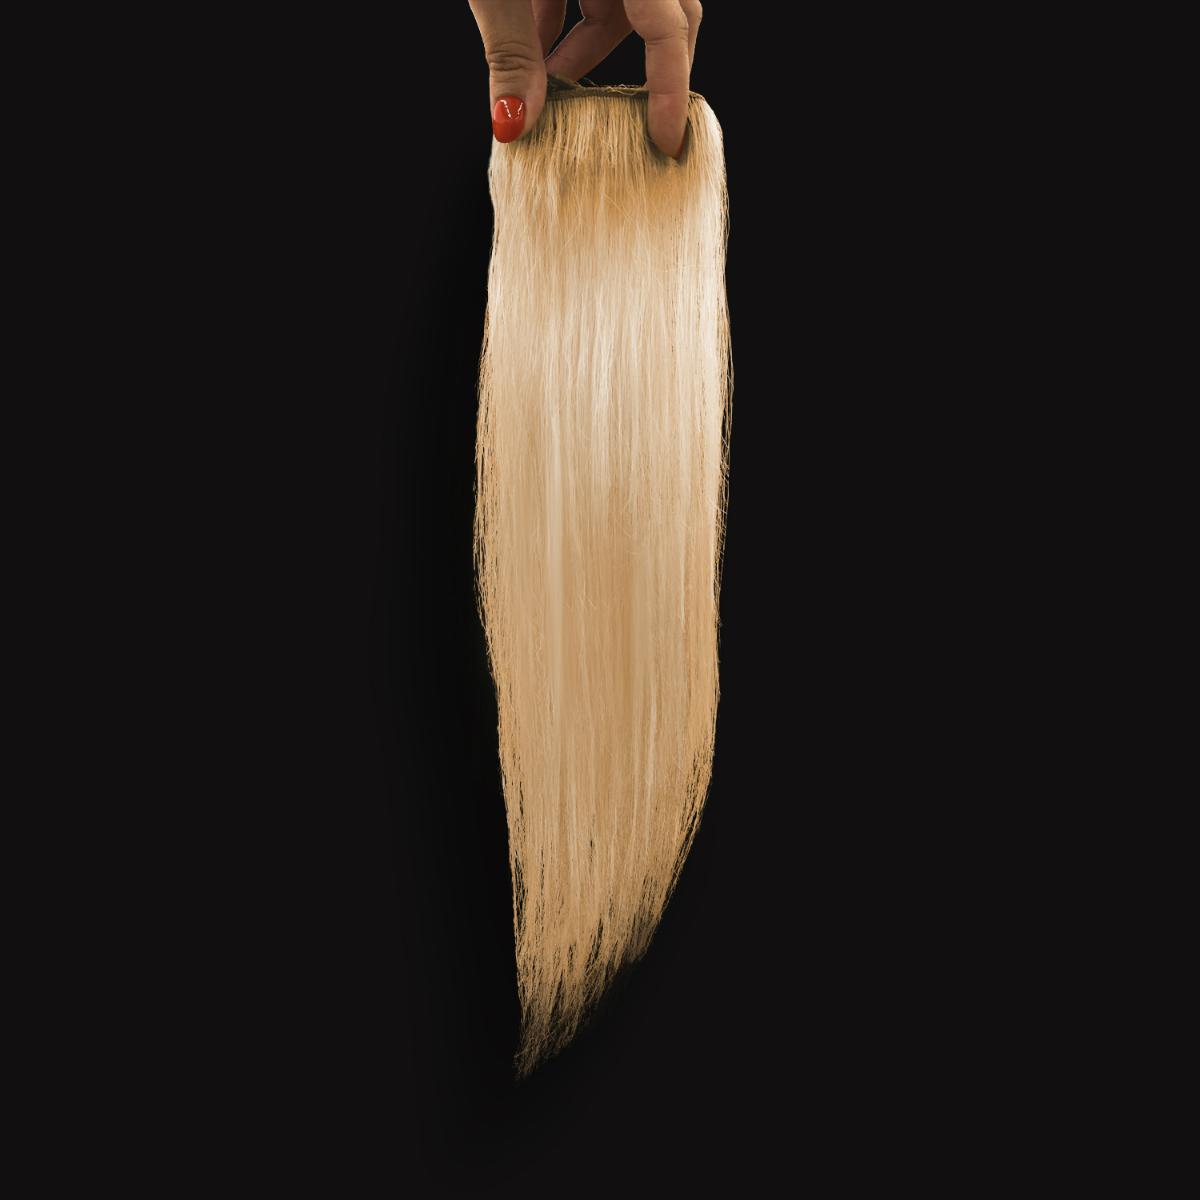 Kosa na tresi